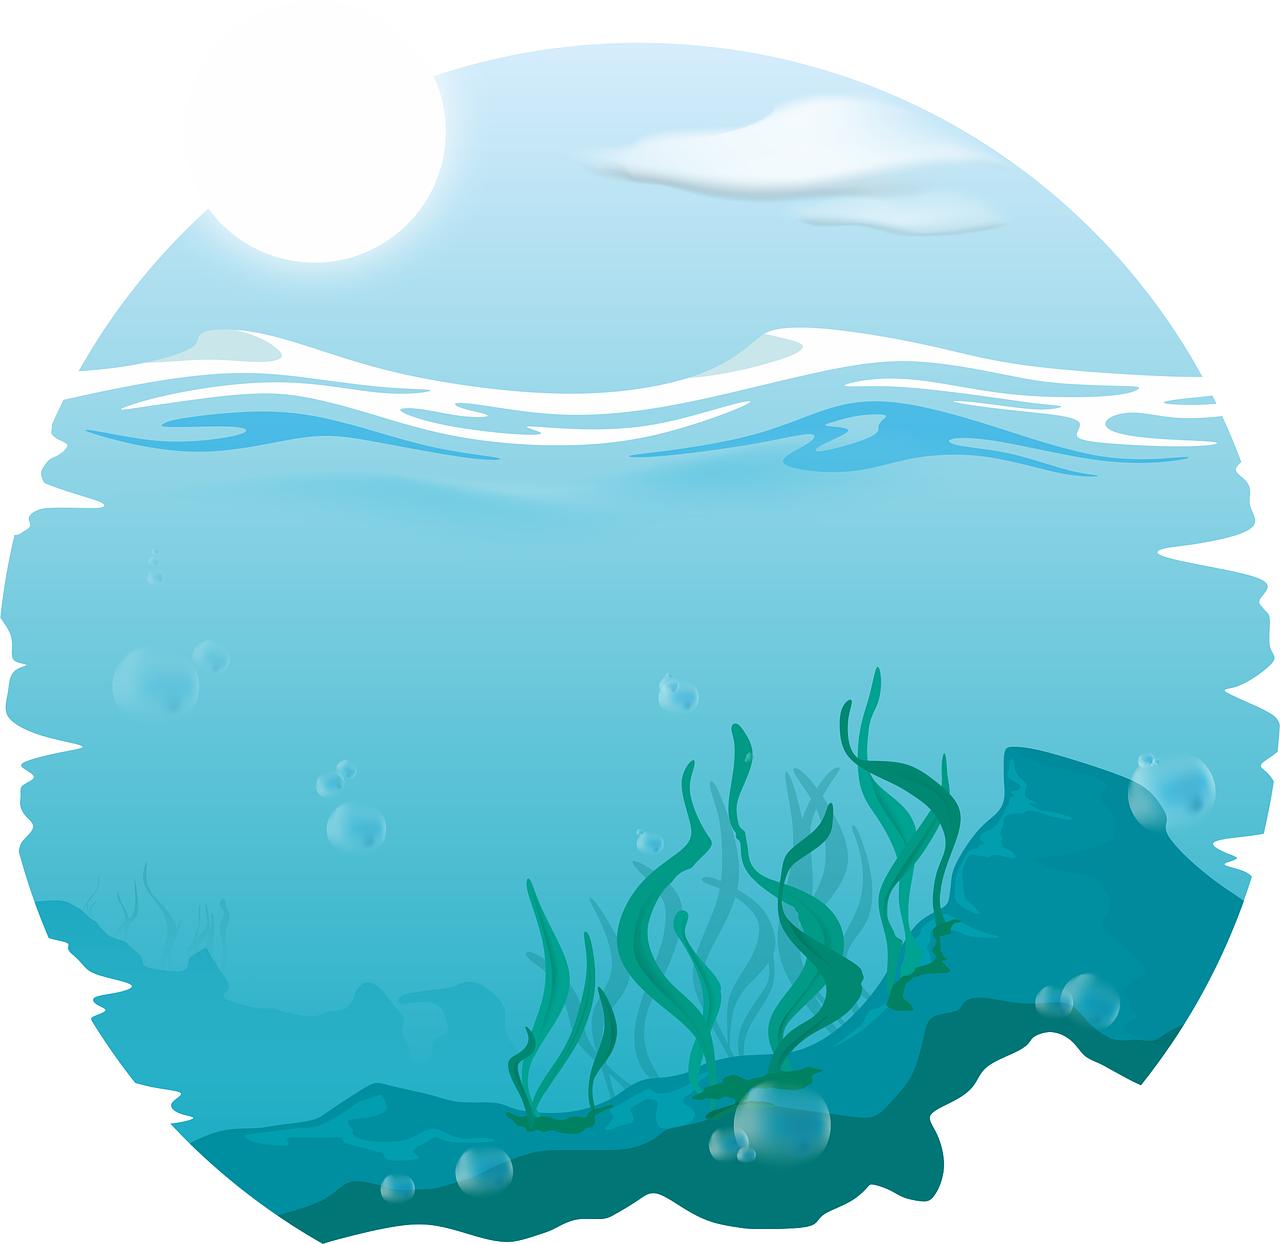 картинки символами о море первую